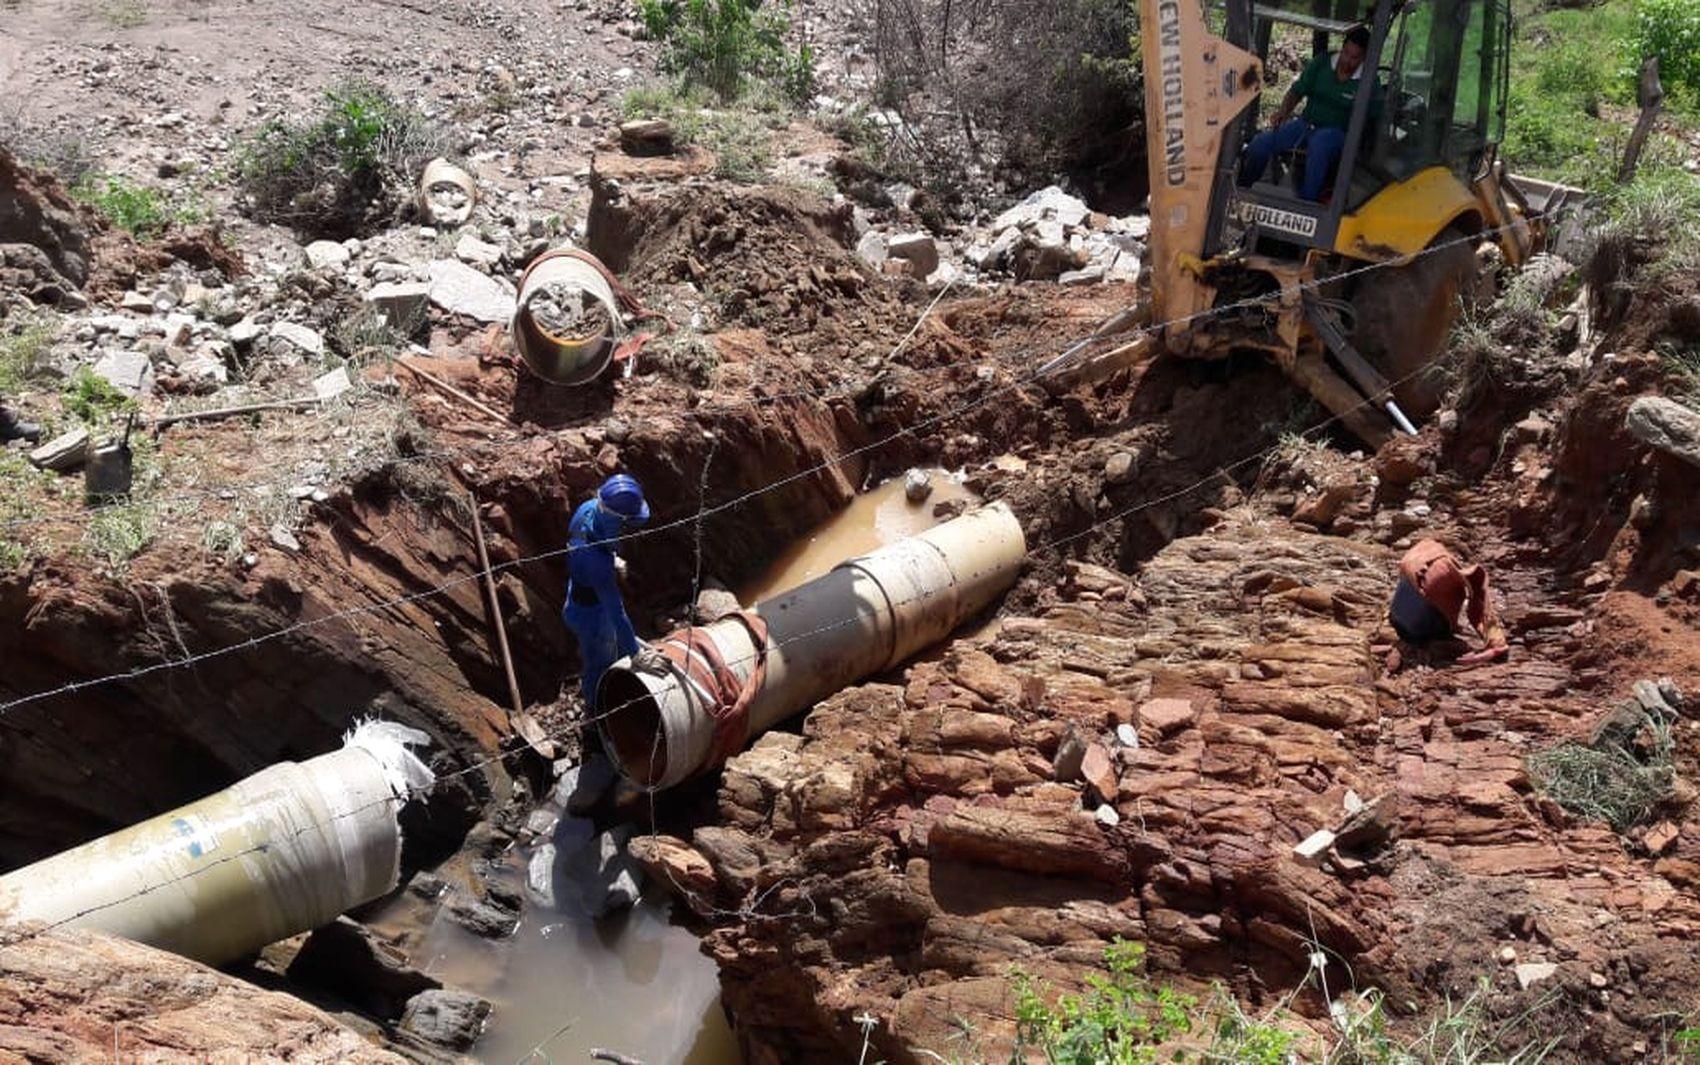 Problema em adutora compromete o fornecimento de água em quatro municípios sergipanos - Notícias - Plantão Diário